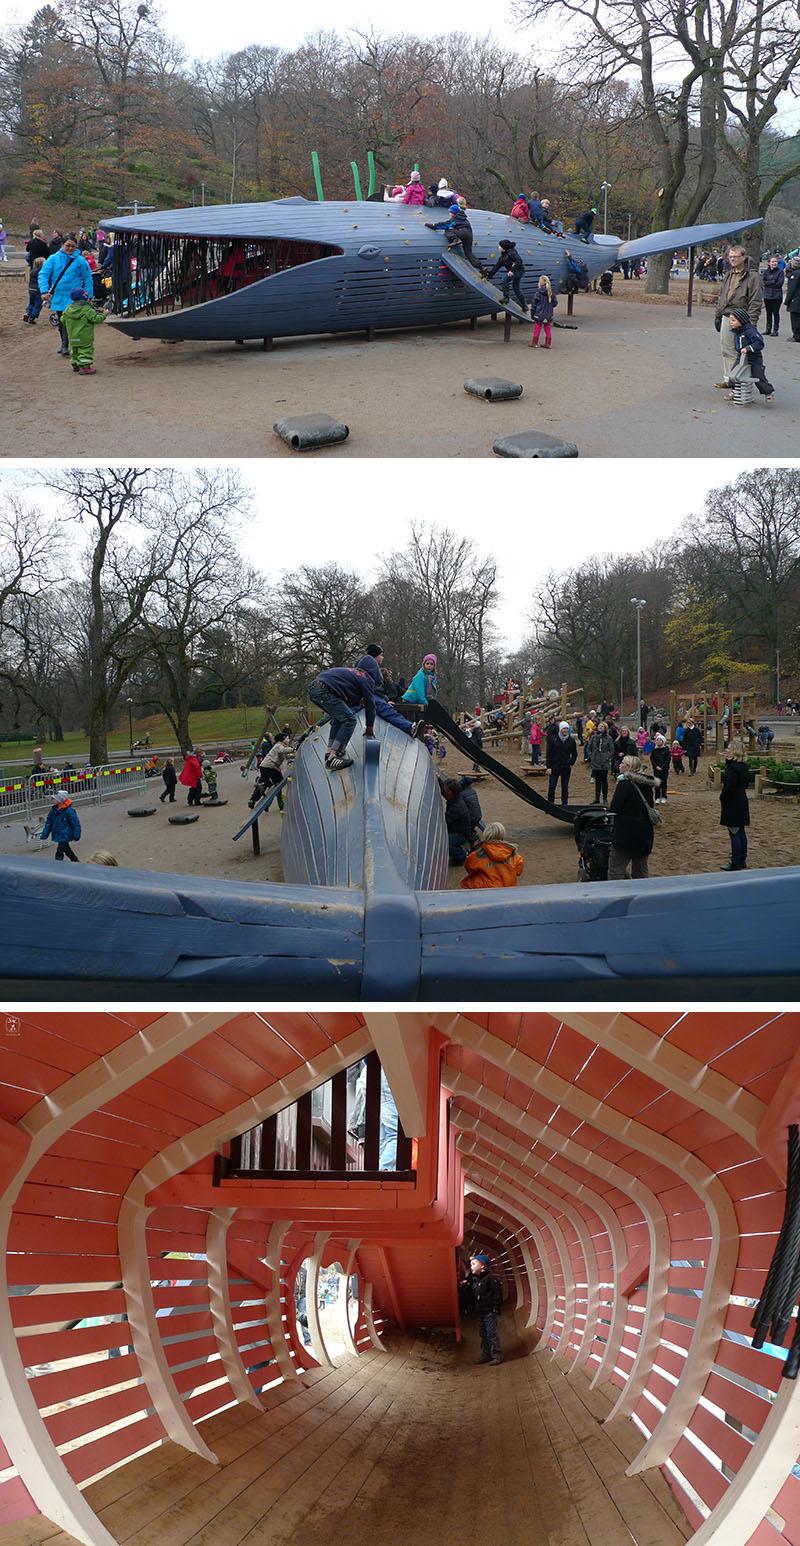 parques infantiles que gustaran tanto a pequeños y a adultos 8